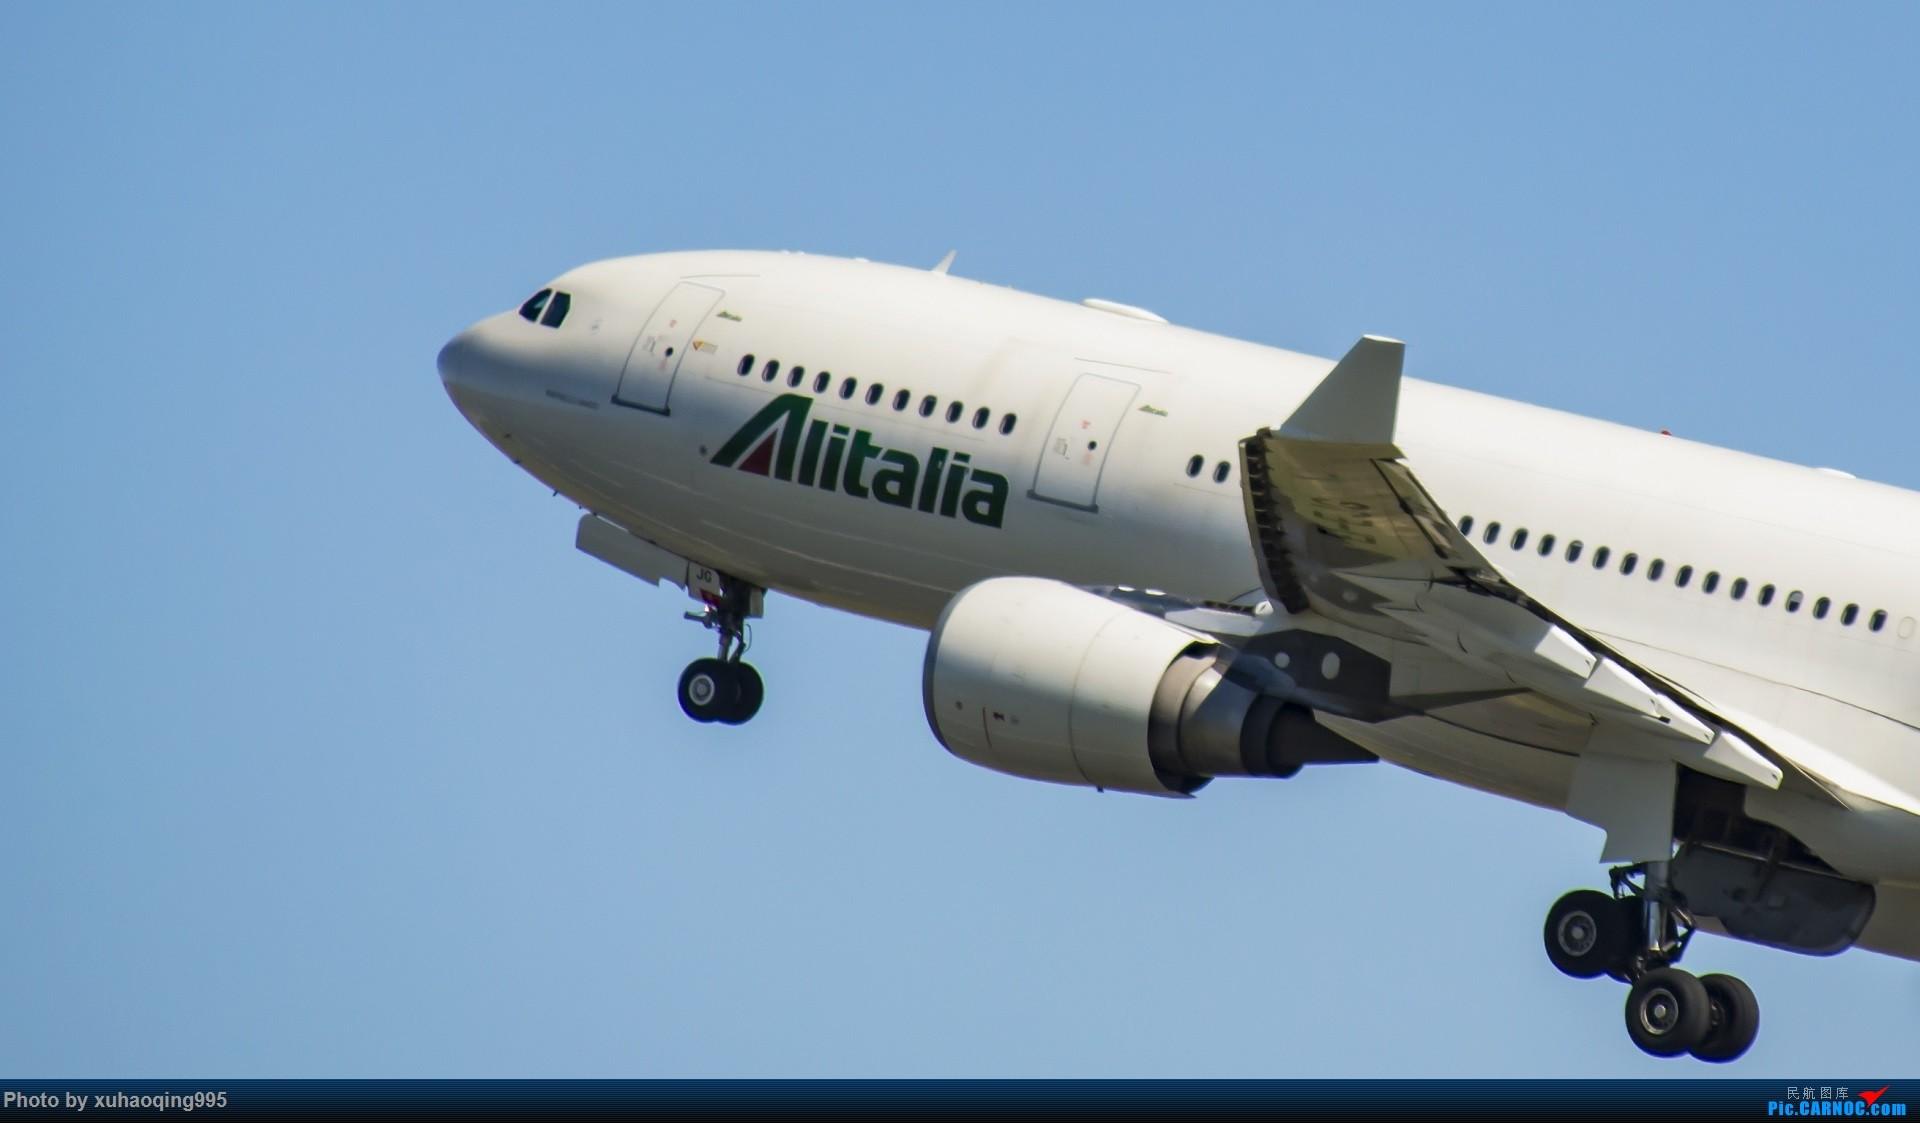 Re:[原创]罗马机场(FCO)拍机 AIRBUS A330-200 EI-EJI 意大利菲乌米奇诺机场